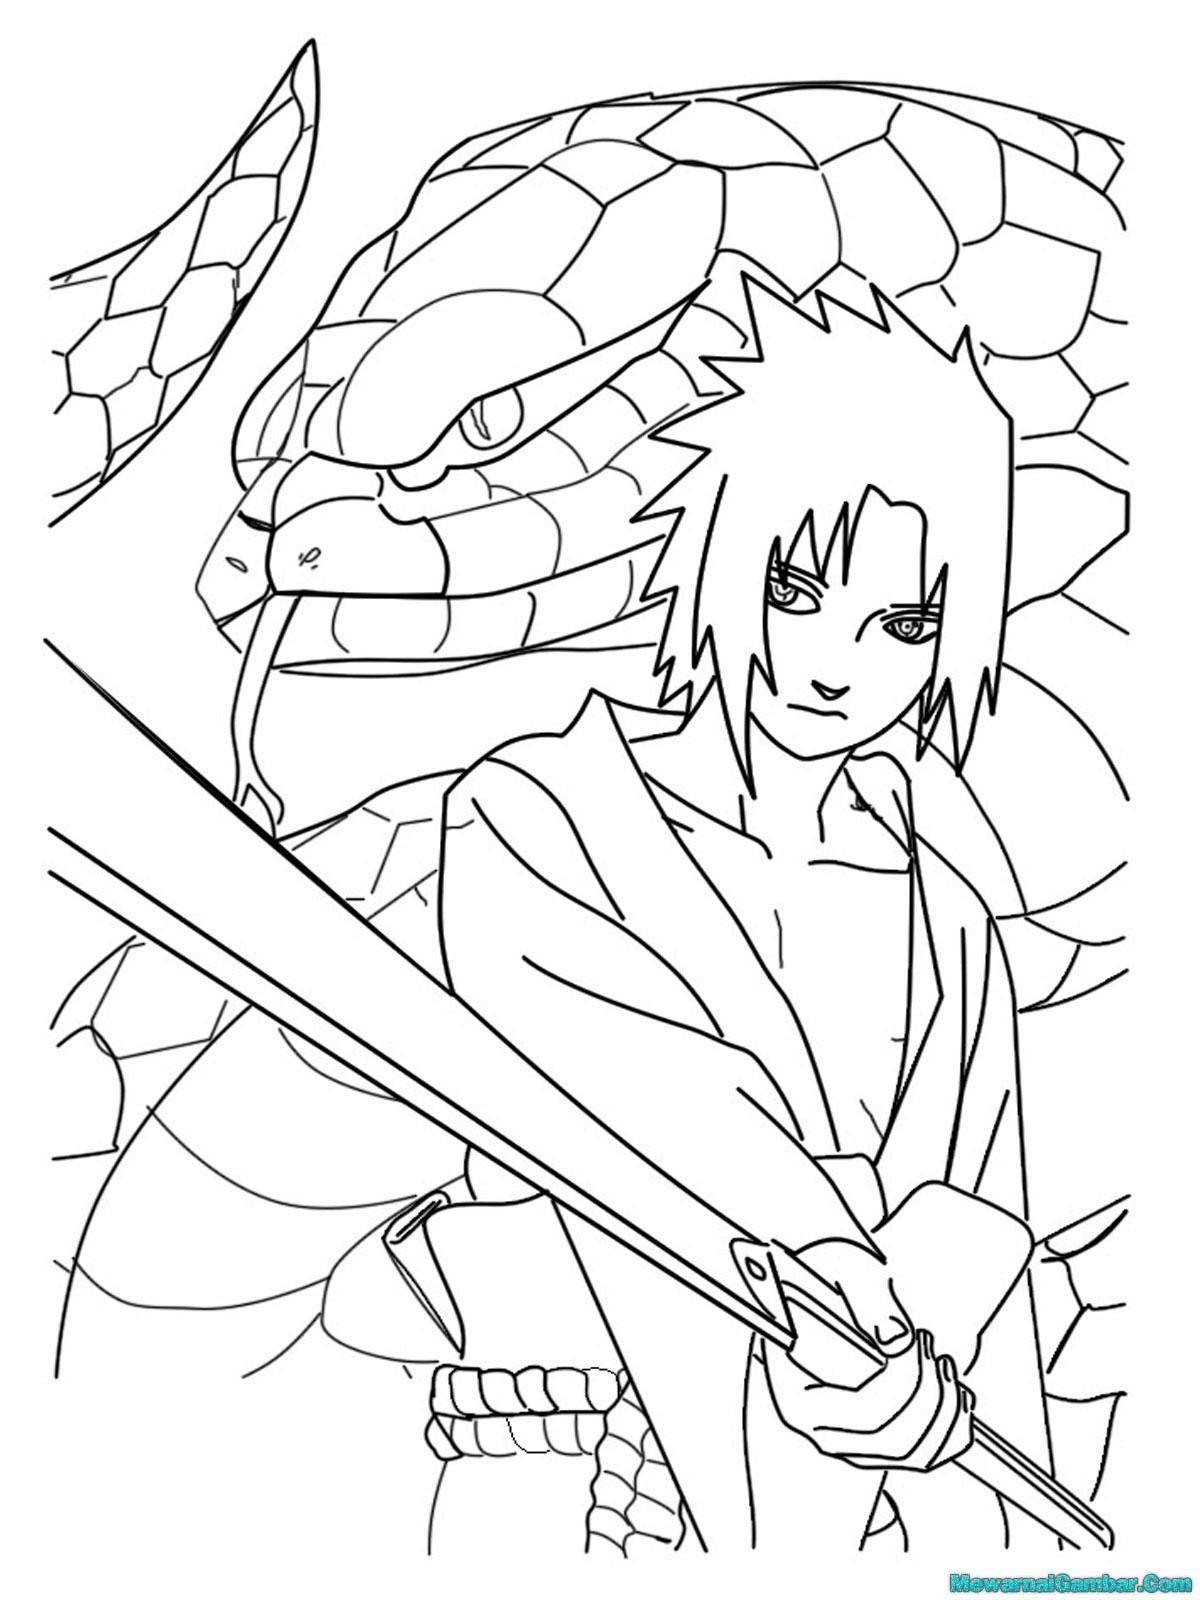 Gambar Mewarnai Naruto Vs Sasuke